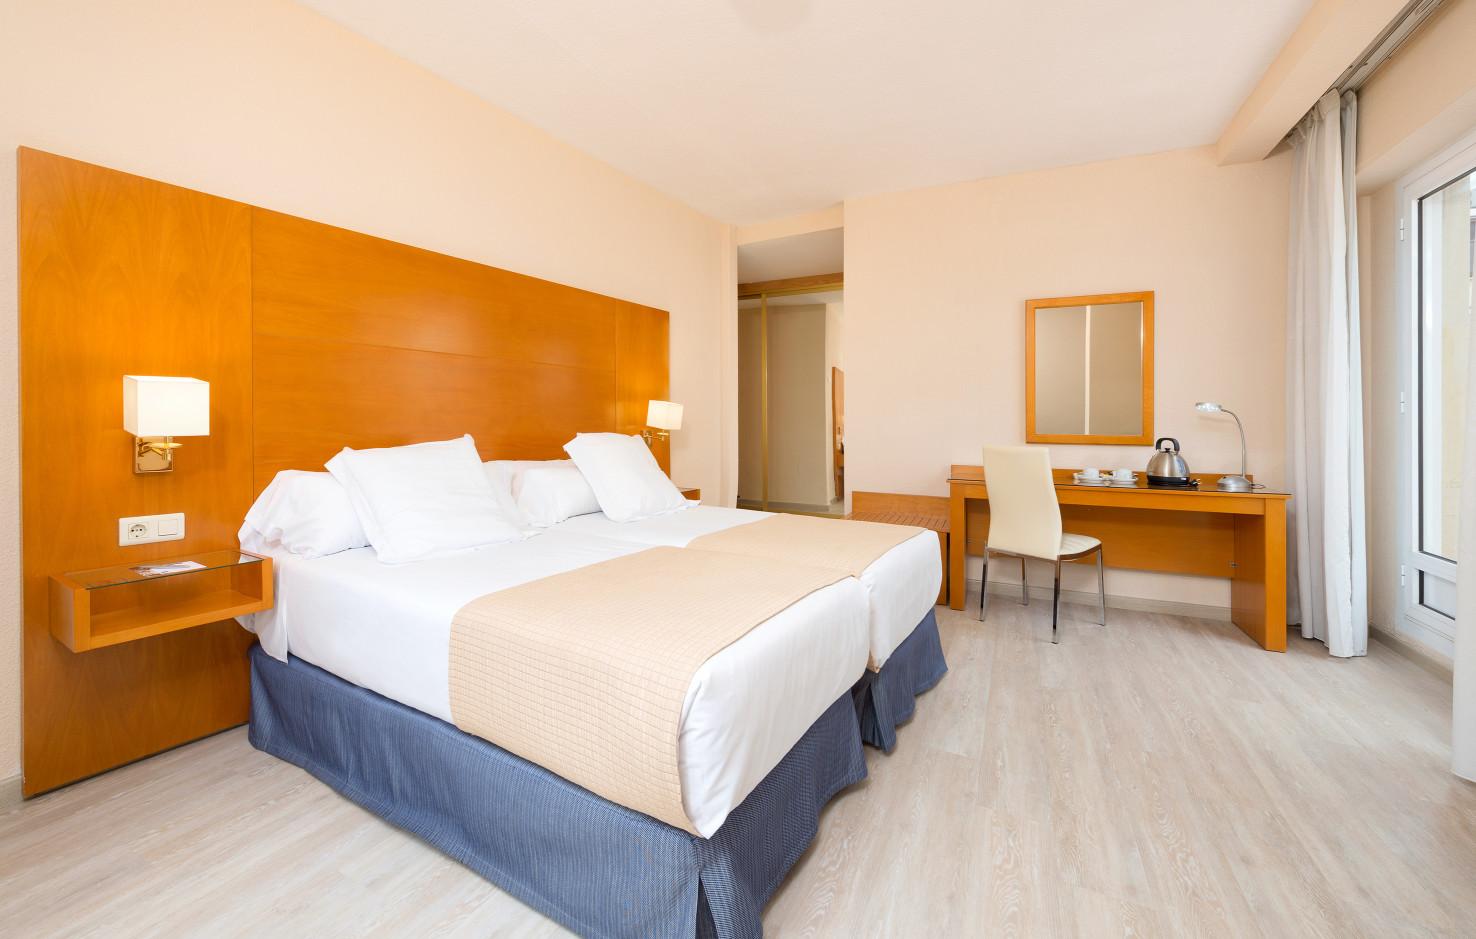 Hotel TRYP Ciudad De Alicante thumb-2